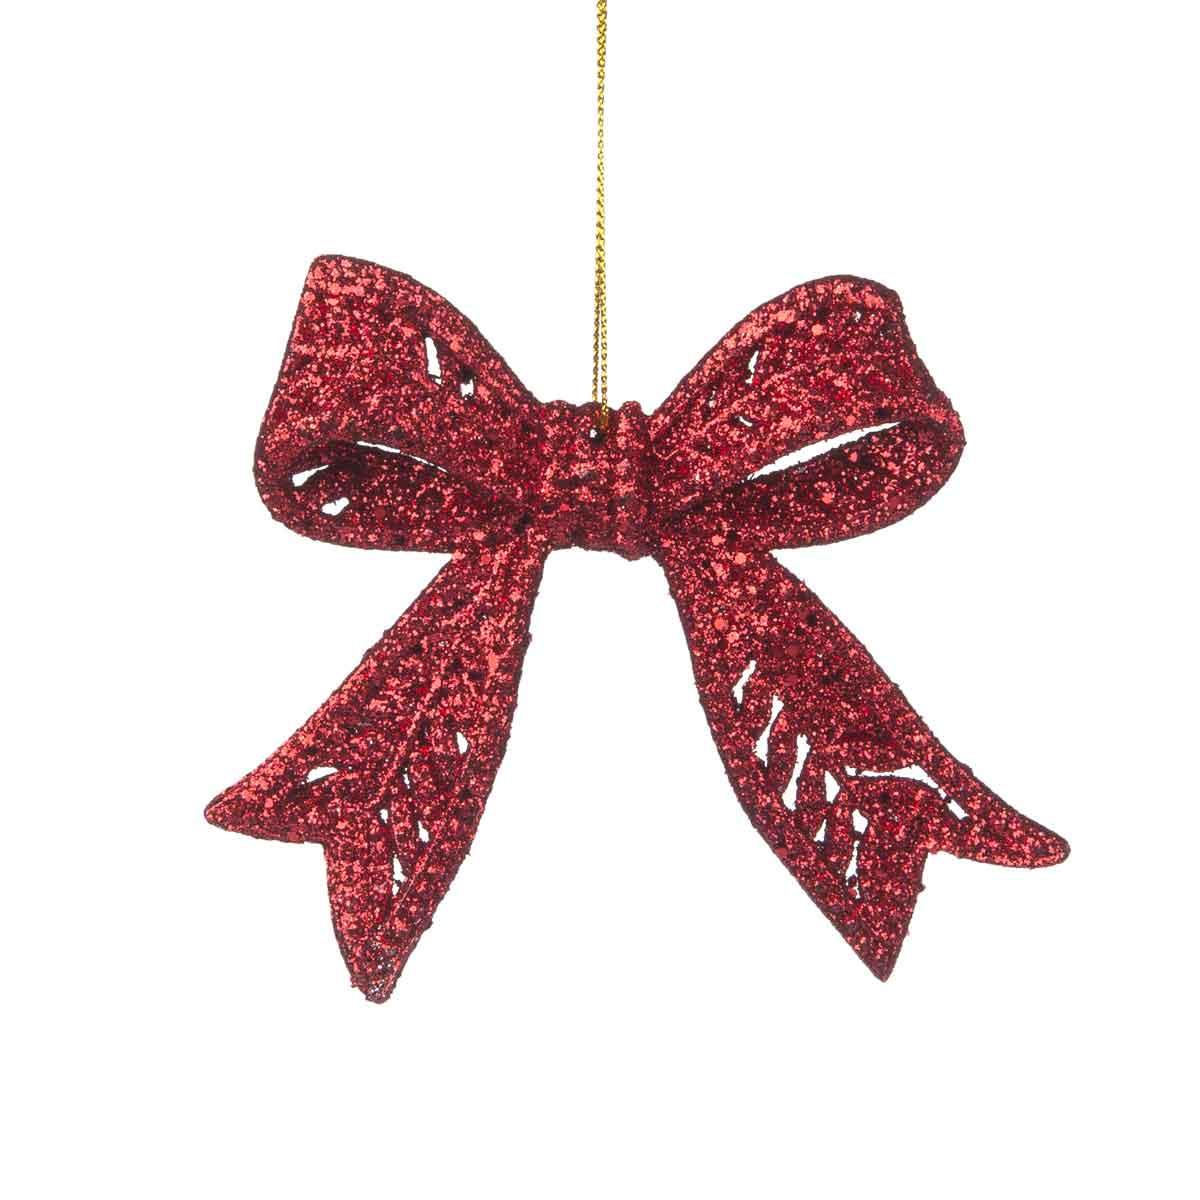 Fiocco appendibile con glitter rosso